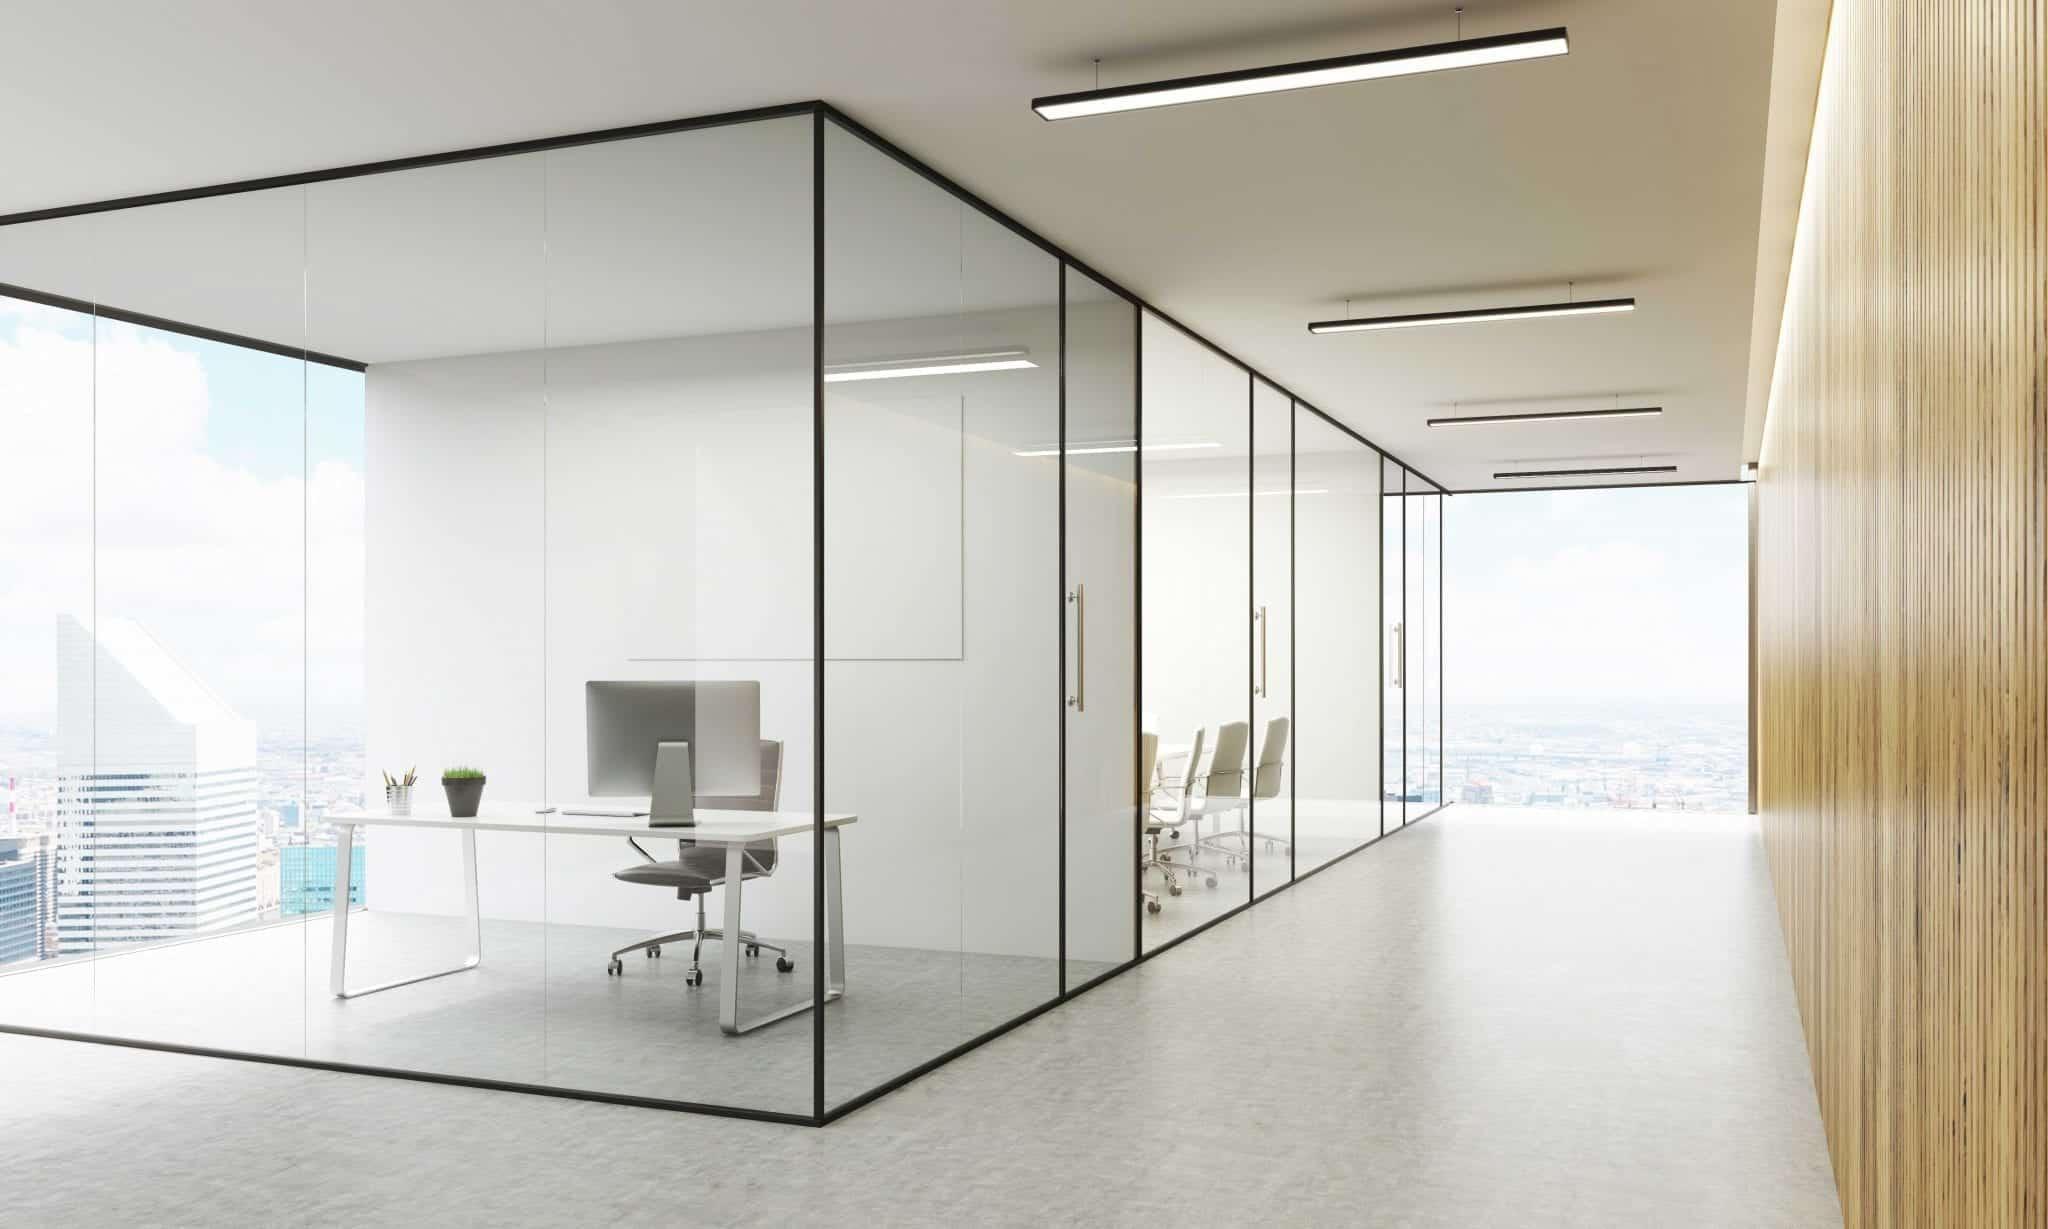 Faux Plafond Suspendu En Dalles Isolantes faux-plafonds contemporains pour espaces de travail design